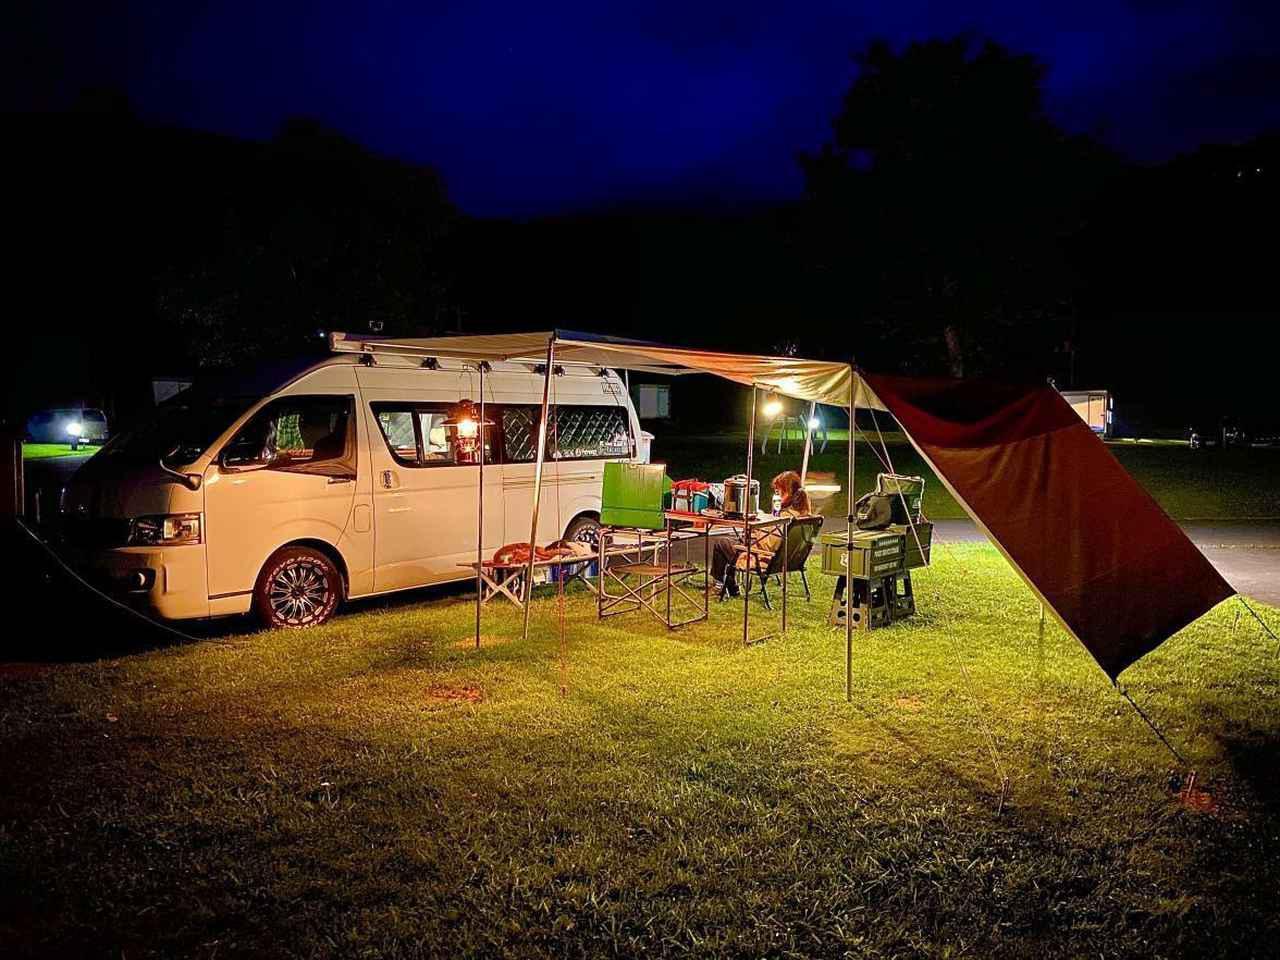 画像: 【キャンプの基本シリーズ1】キャンプ歴40年のキャンプライターが教える『サイトの選び方とレイアウト』 - ハピキャン(HAPPY CAMPER)